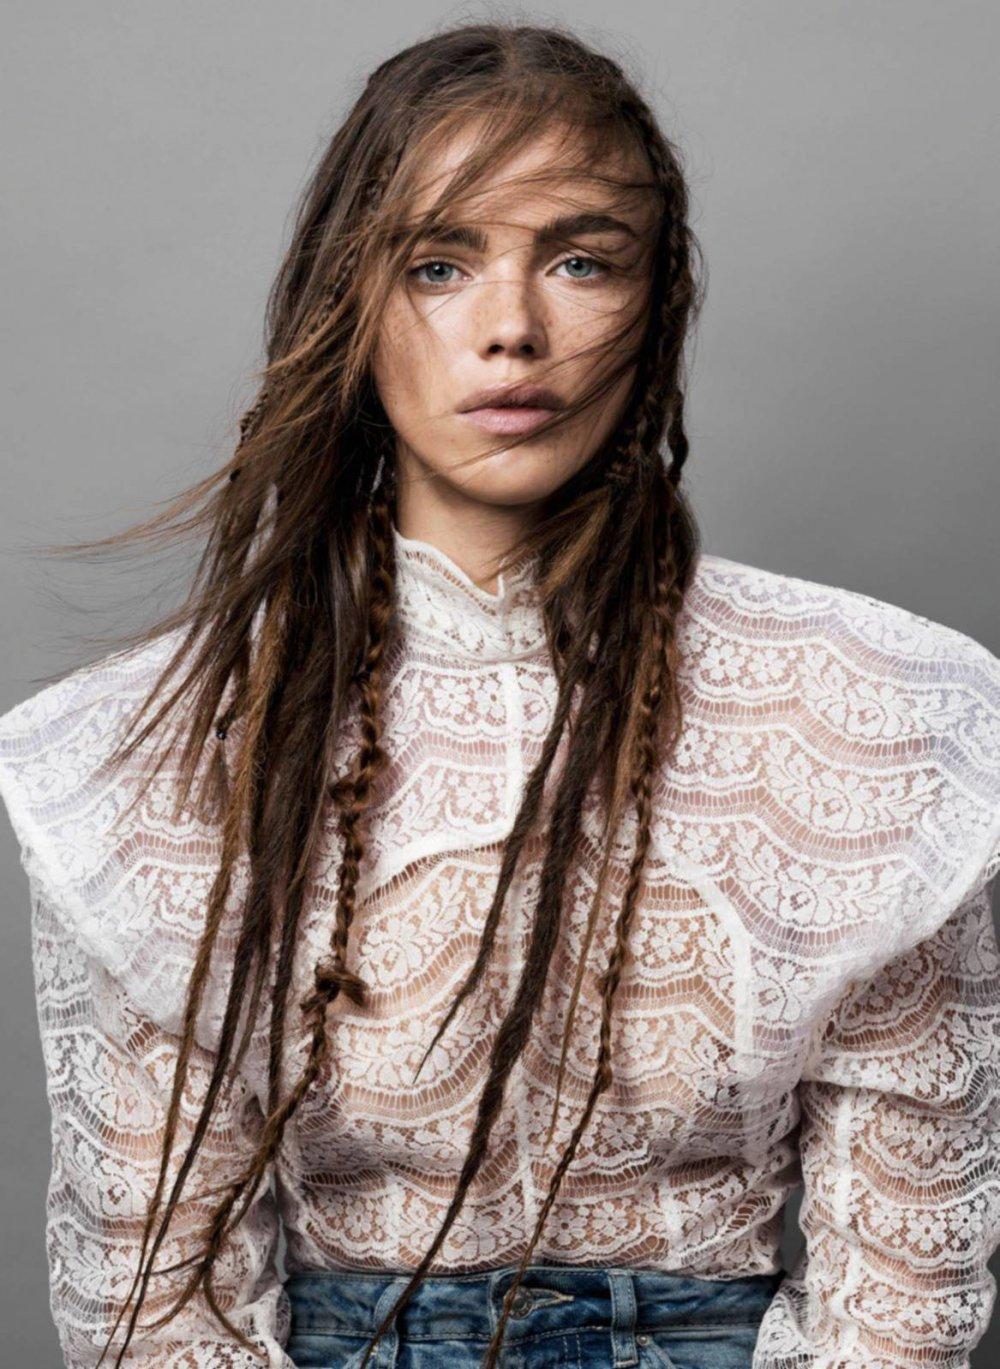 editorial hair 2017 - photo #4